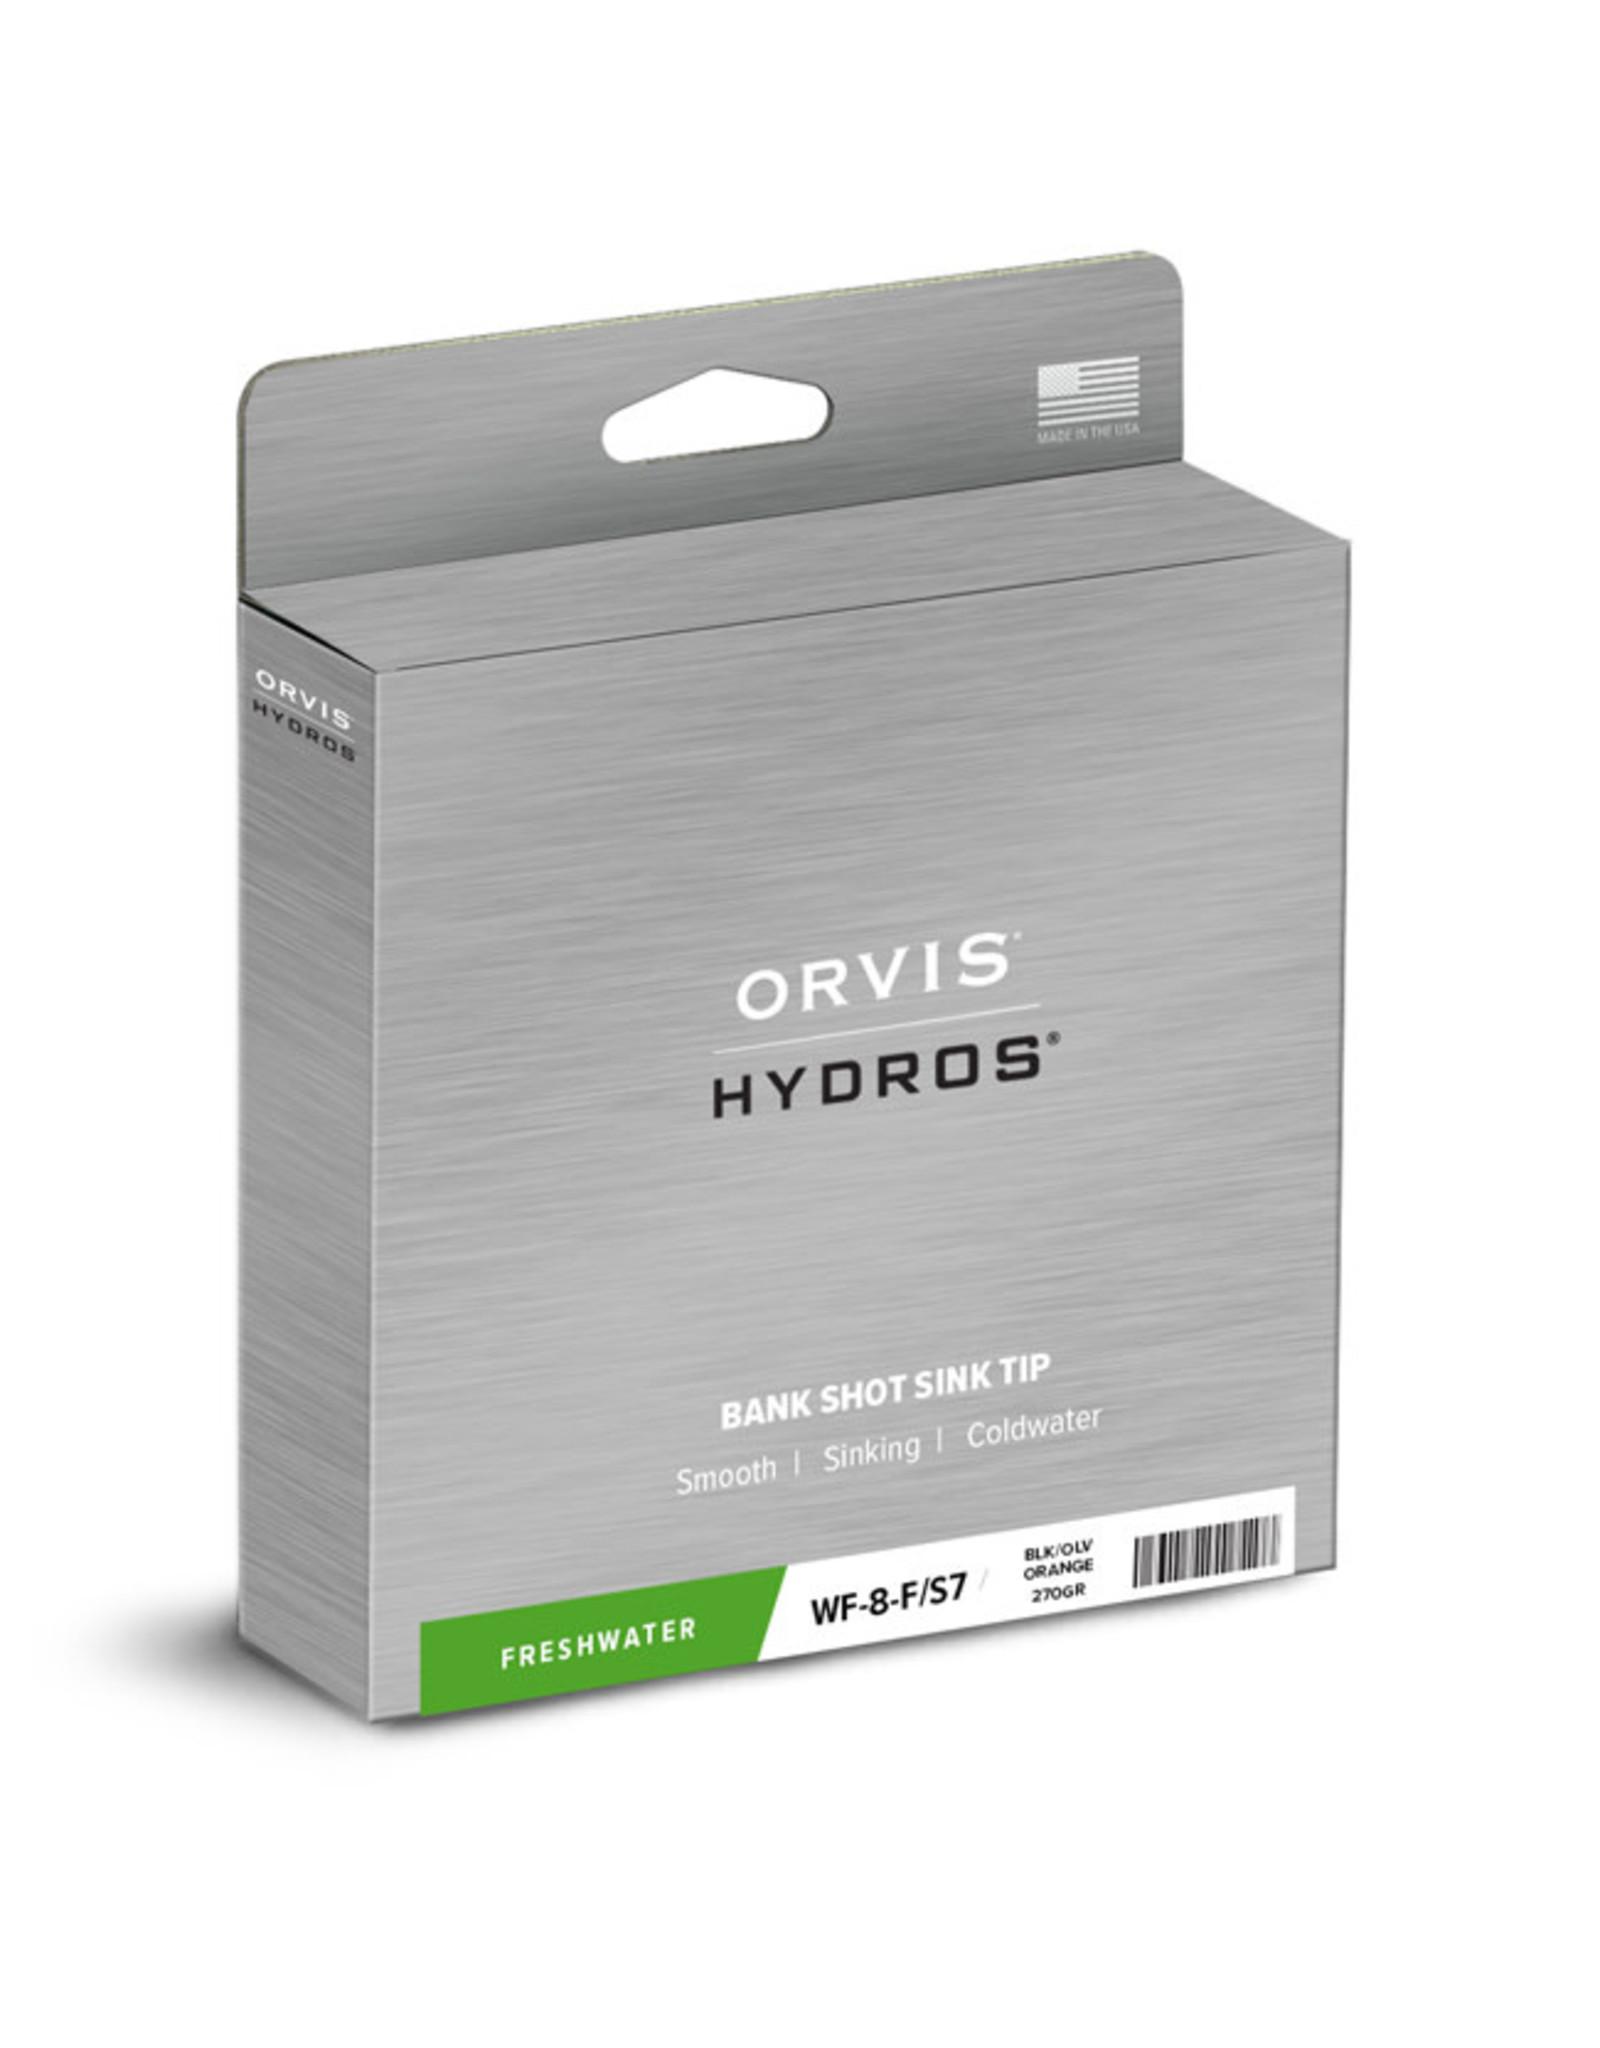 Orvis ORVIS Hydros Bank Shot Sink Tip